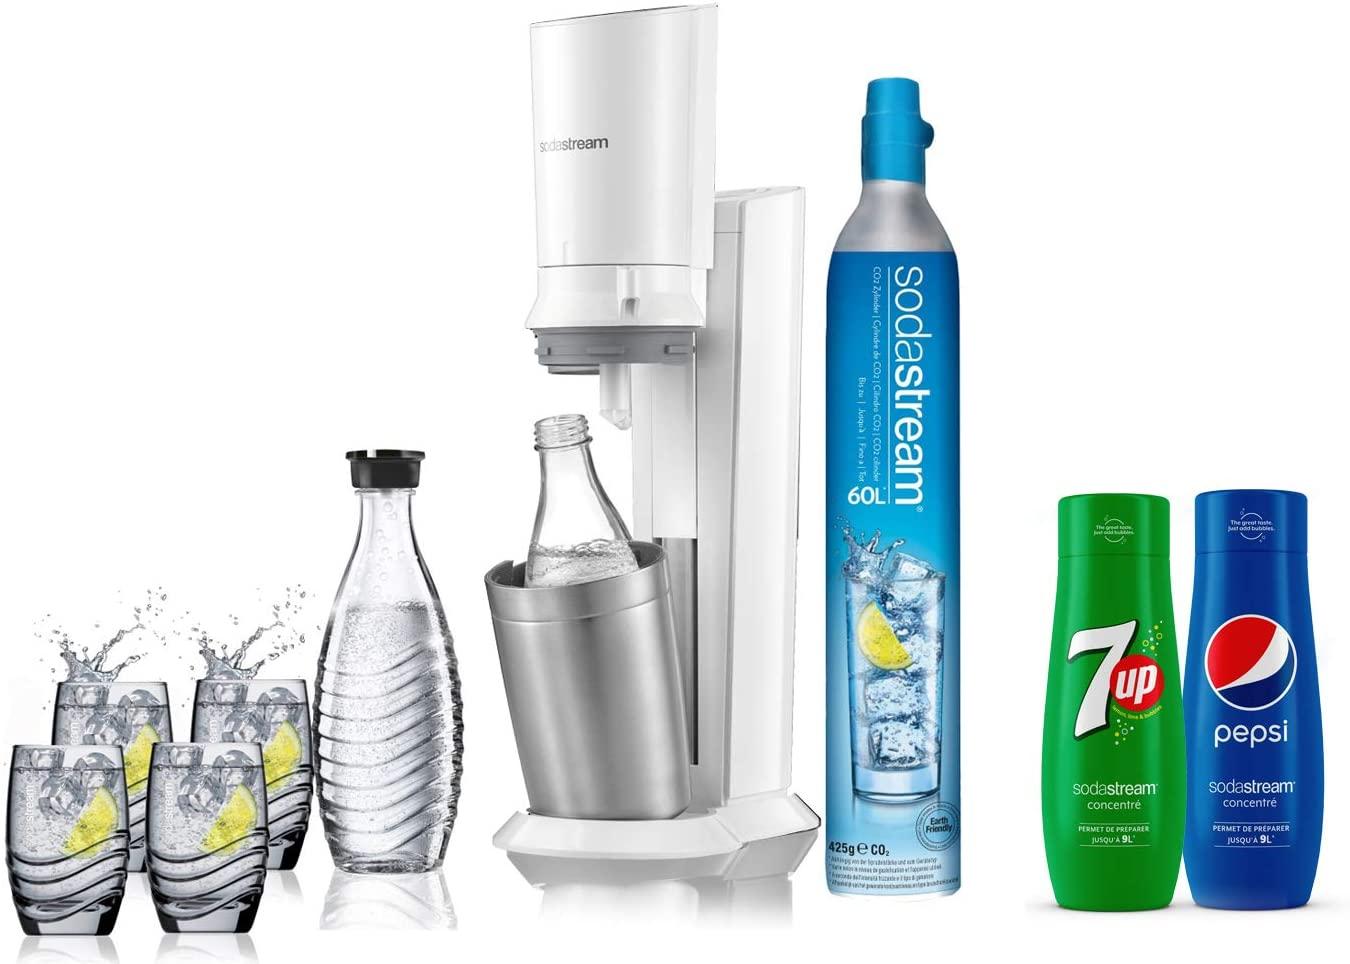 [Prime] Pack Machine à gazifier SodaStream - 2 carafes en verre (0.6L), 4 verres, 1 concentré Pepsi et 1 concentré 7Up